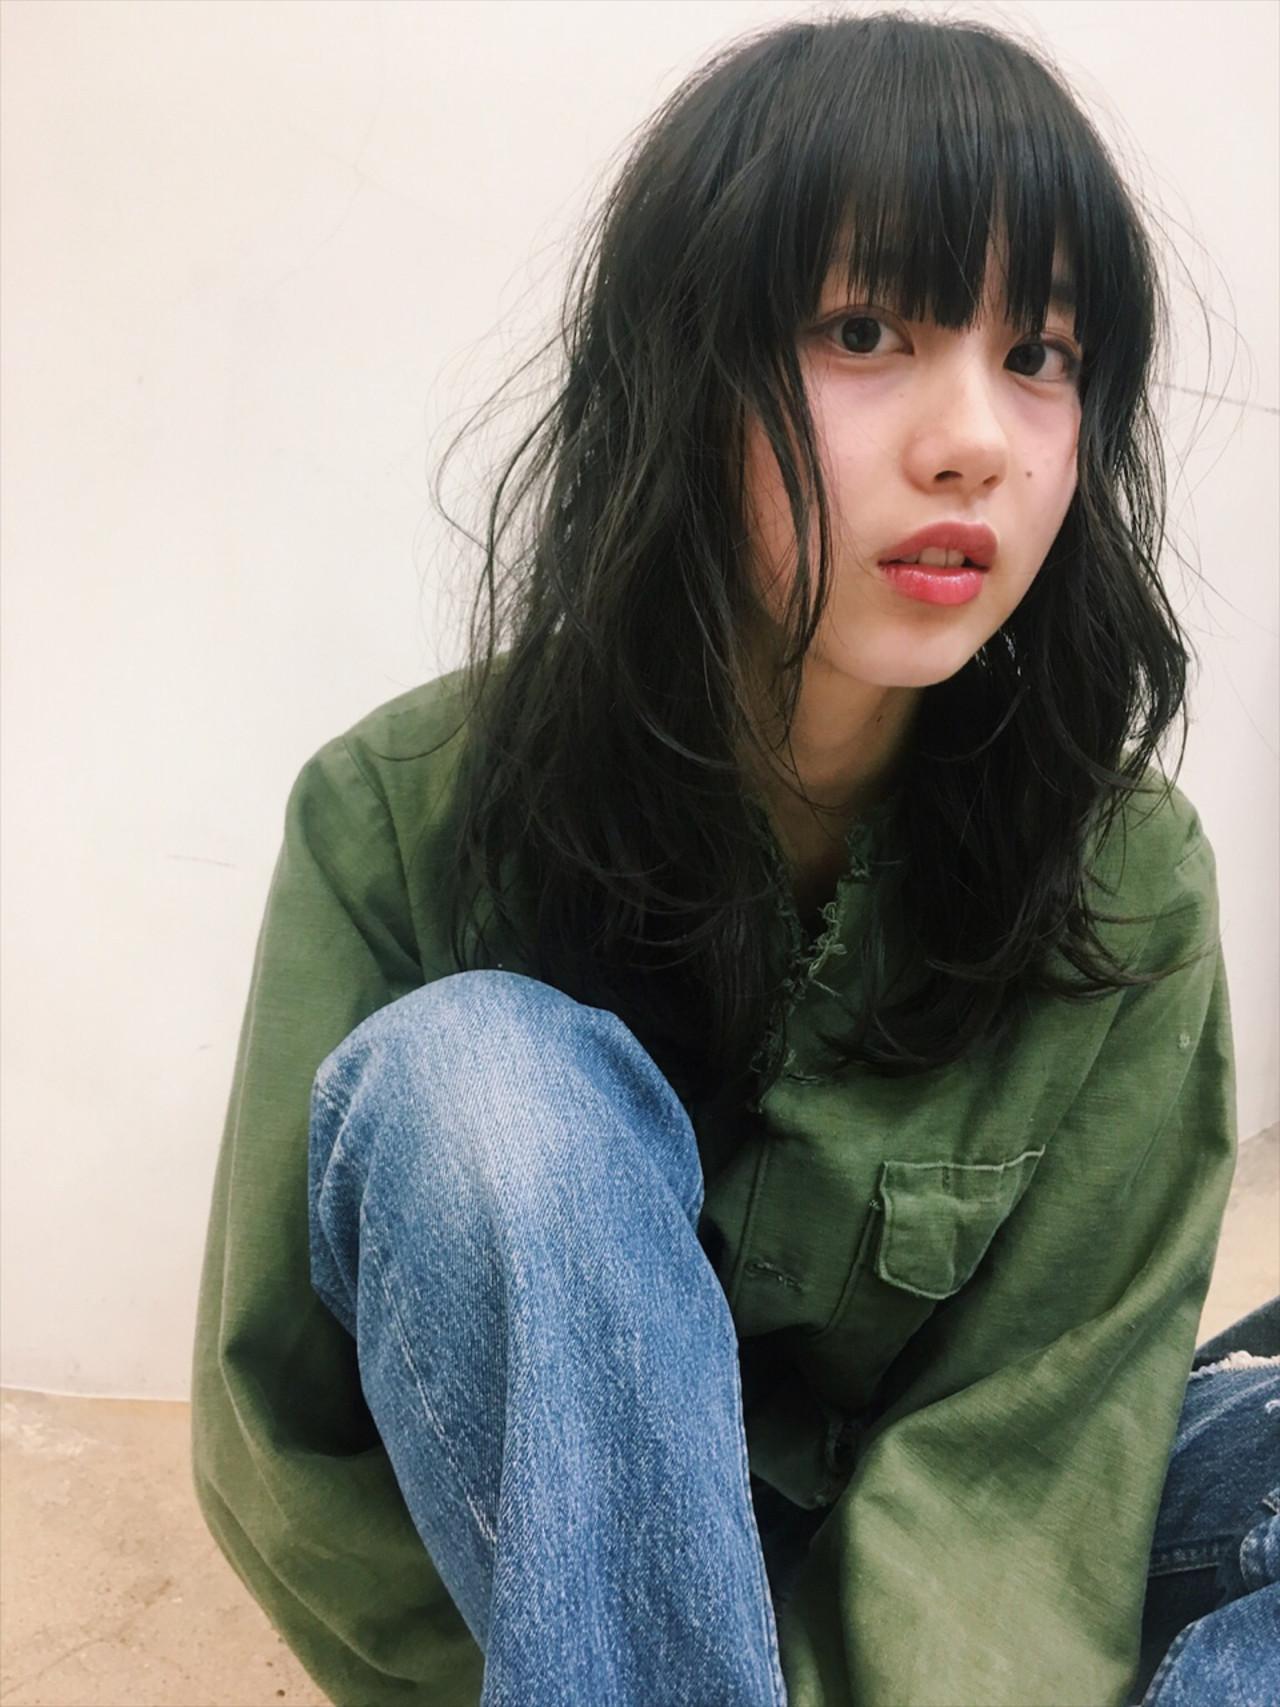 ナチュラル 艶髪 セミロング 黒髪 ヘアスタイルや髪型の写真・画像